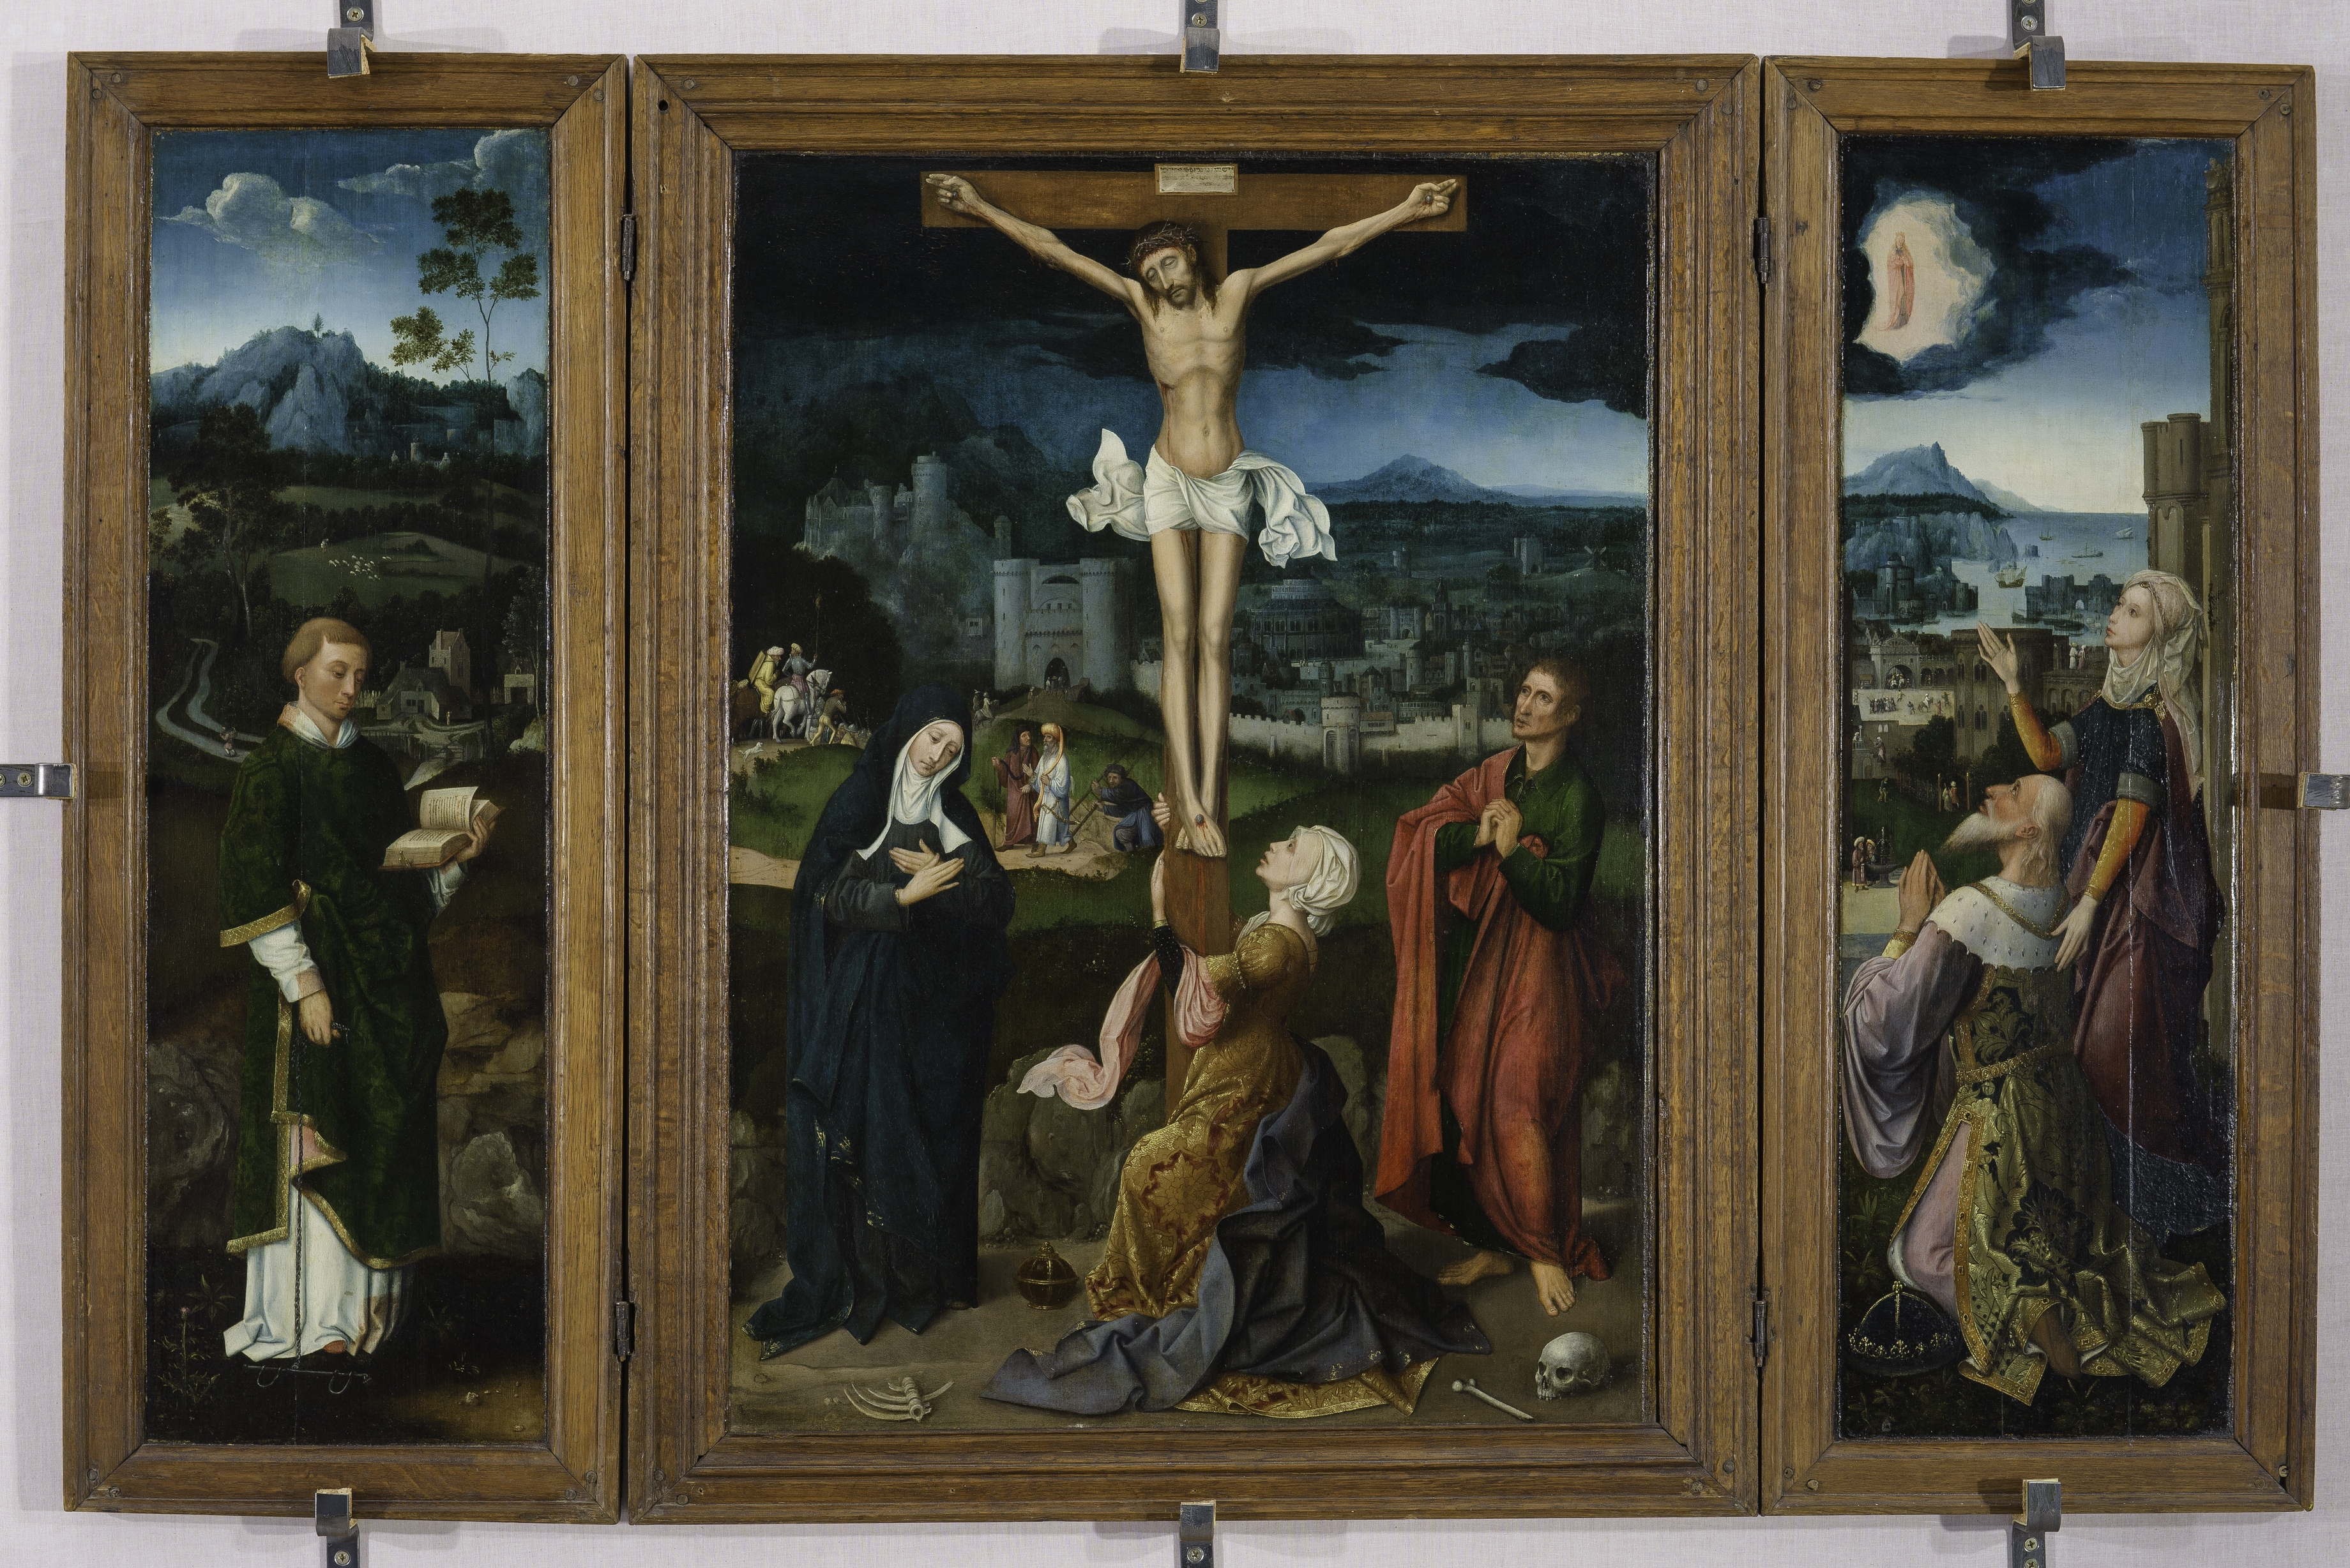 mnr/MNR00386/MNR386-copyright-Musee_Crozatier_du_Puy-en-Velay-D.1969.6Crucifixion(Copier).jpg